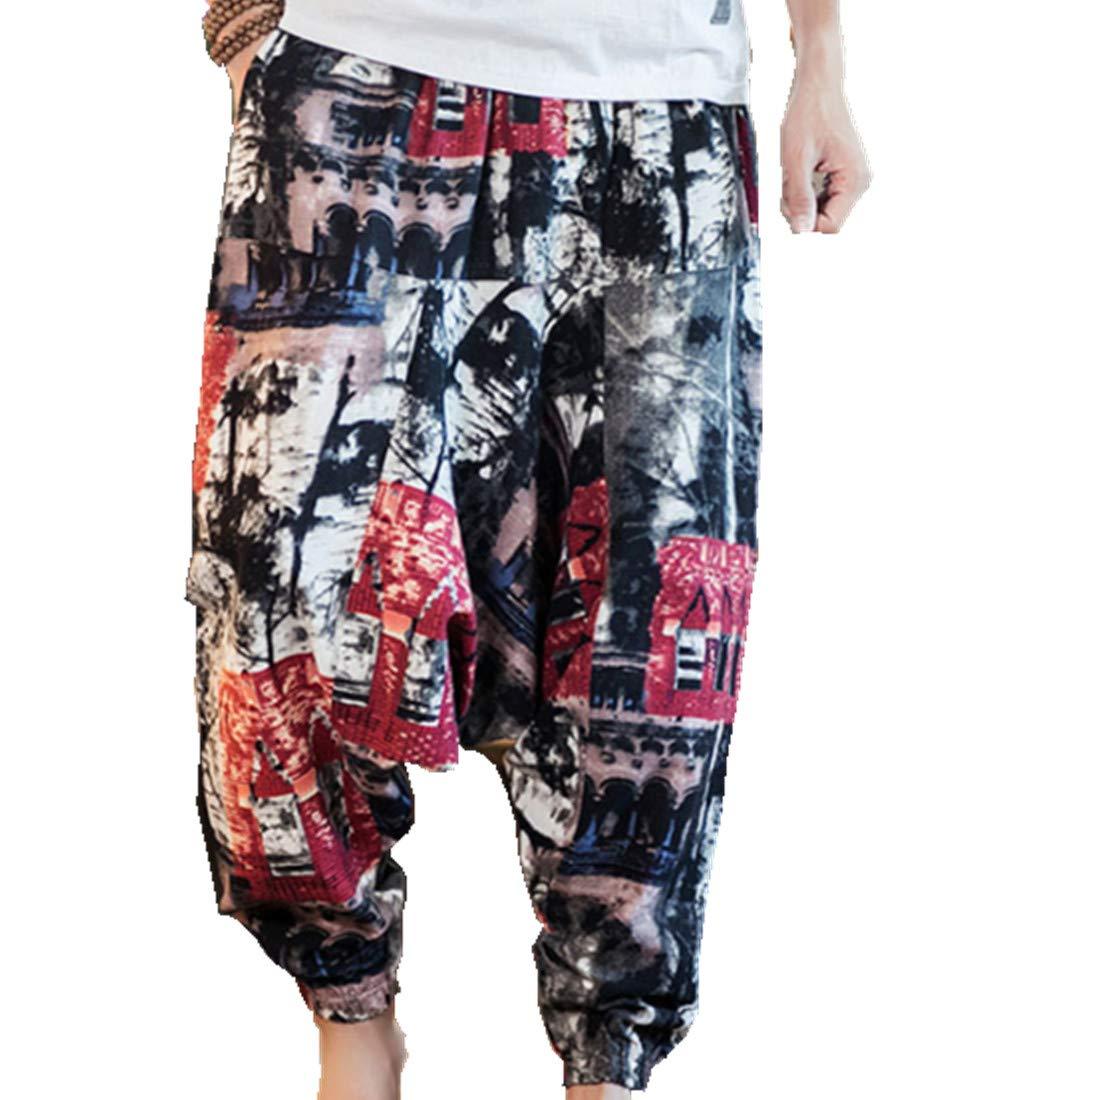 Hzcx Fashion Men's Vintage Cotton Blends Linen Drop Crotch Jogging Harem Pants DSC229-DK69-60-INK-US M TAG 2XL